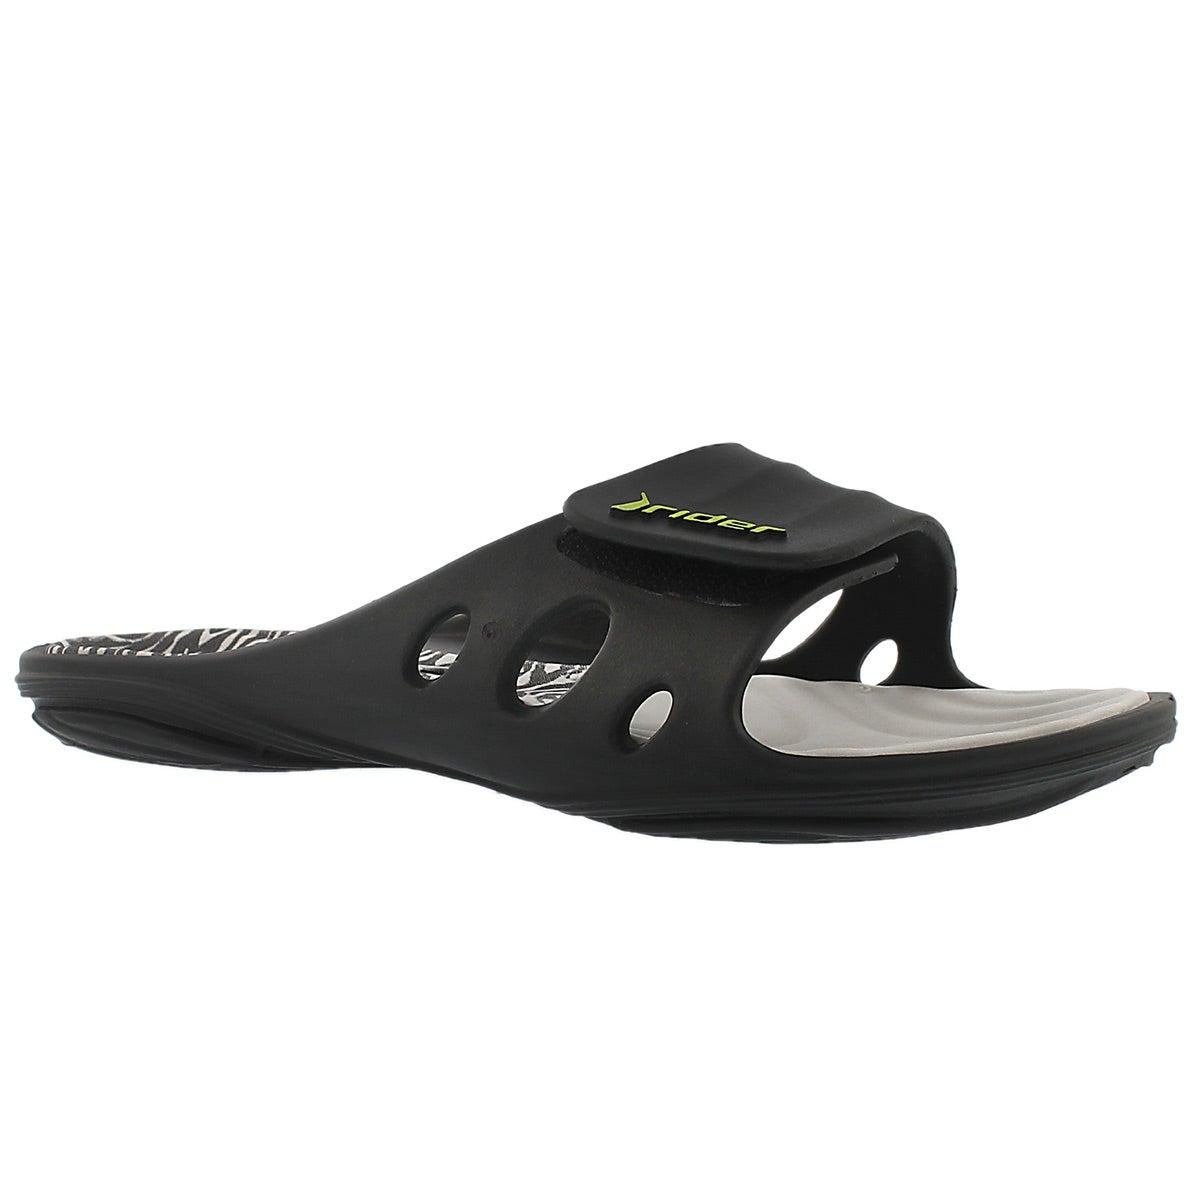 Women's KEY VIII grey slide sport sandals